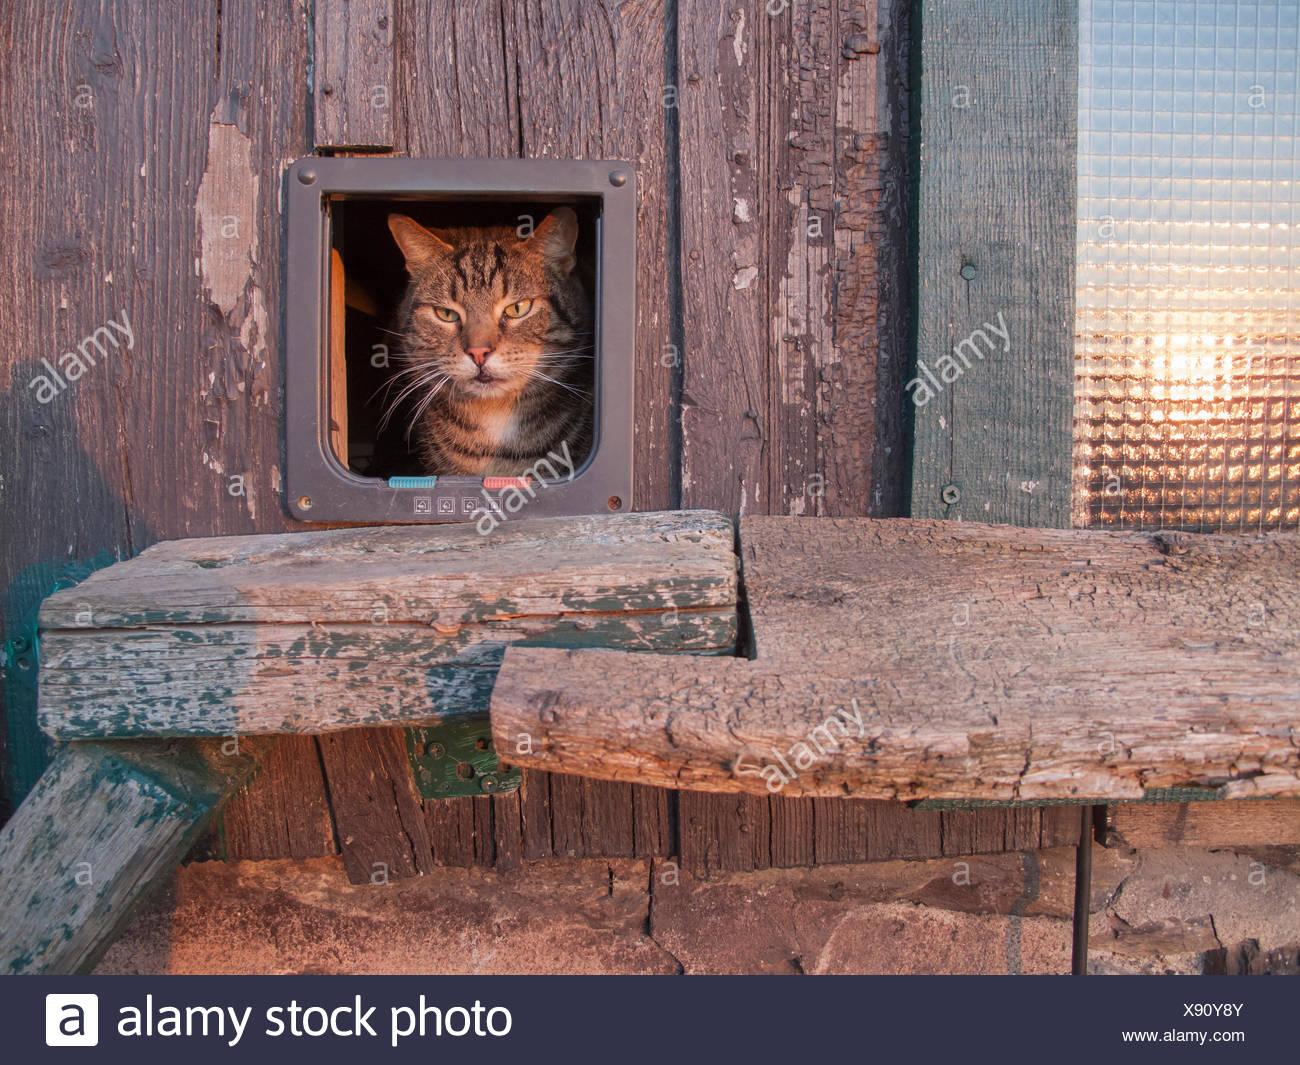 Hauskatze, Haus-Katze (Felis silvestris f. catus), schaut aus Katzentuer heraus, Deutschland | domestic cat, house cat (Felis si Stock Photo